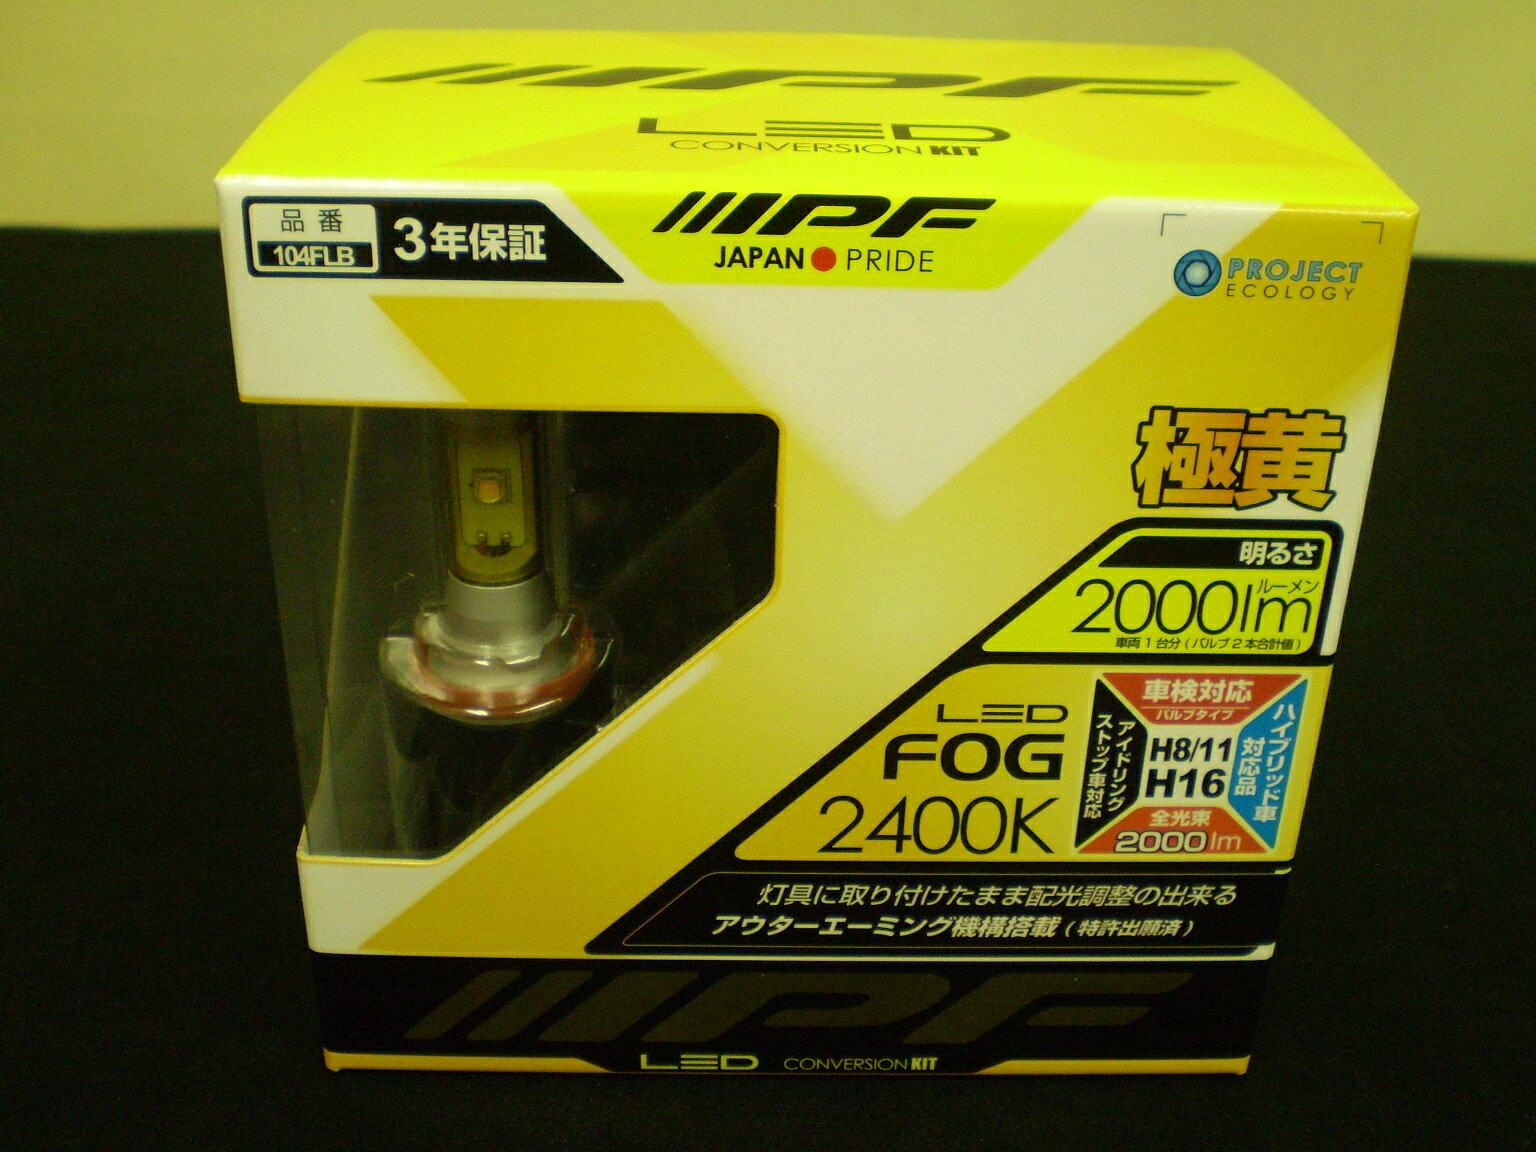 コンバージョンキット12V [104FLB] 2400k LEDフォグランプ H8/11/16 IPF/ 極黄